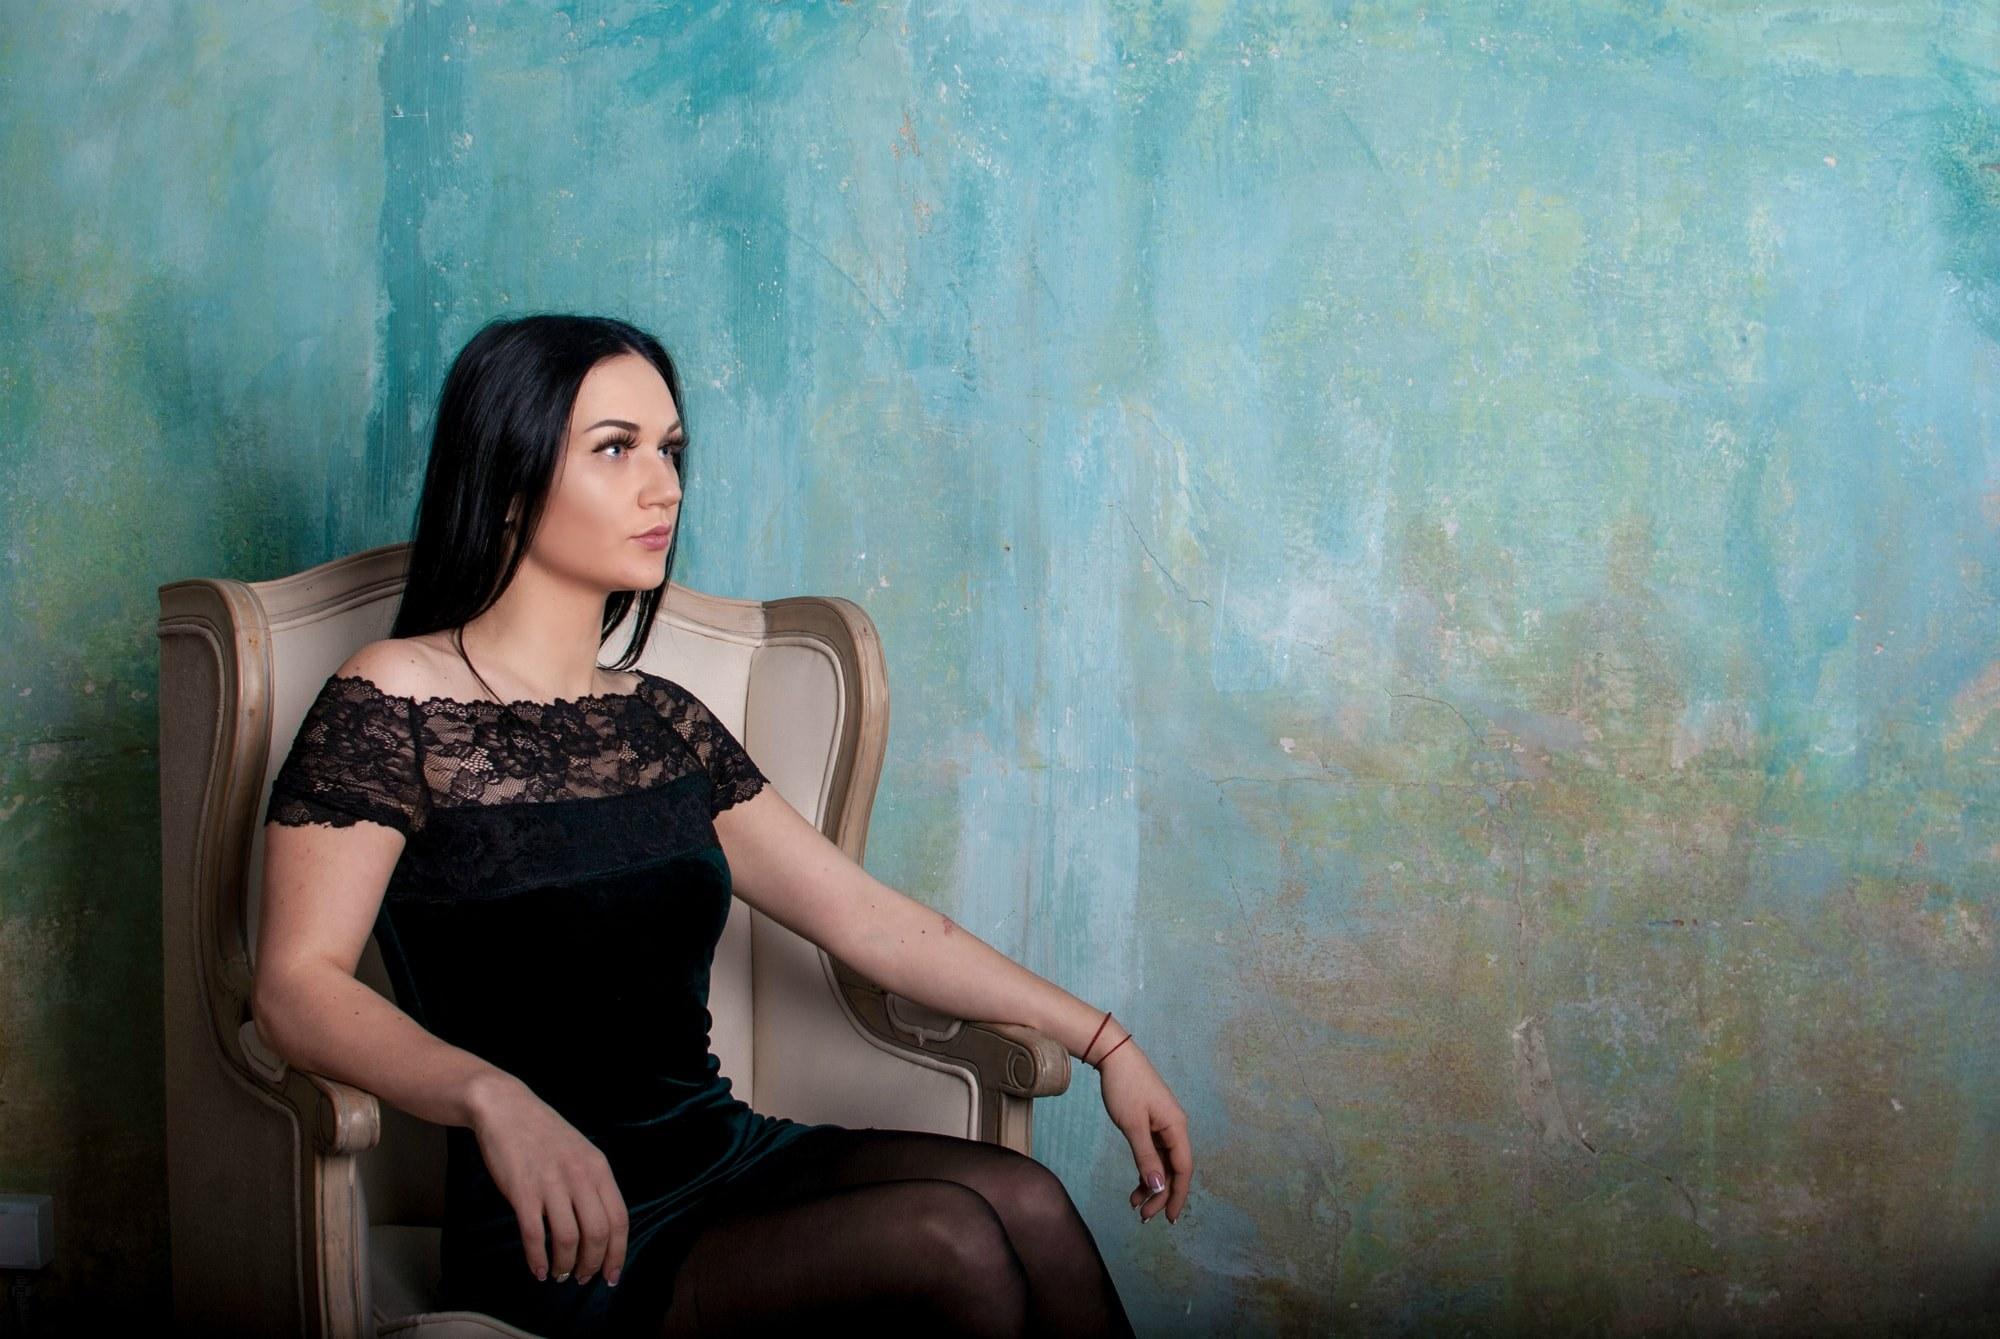 Мечтательная поза на фотосессии - Фотограф Киев - Женя Лайт